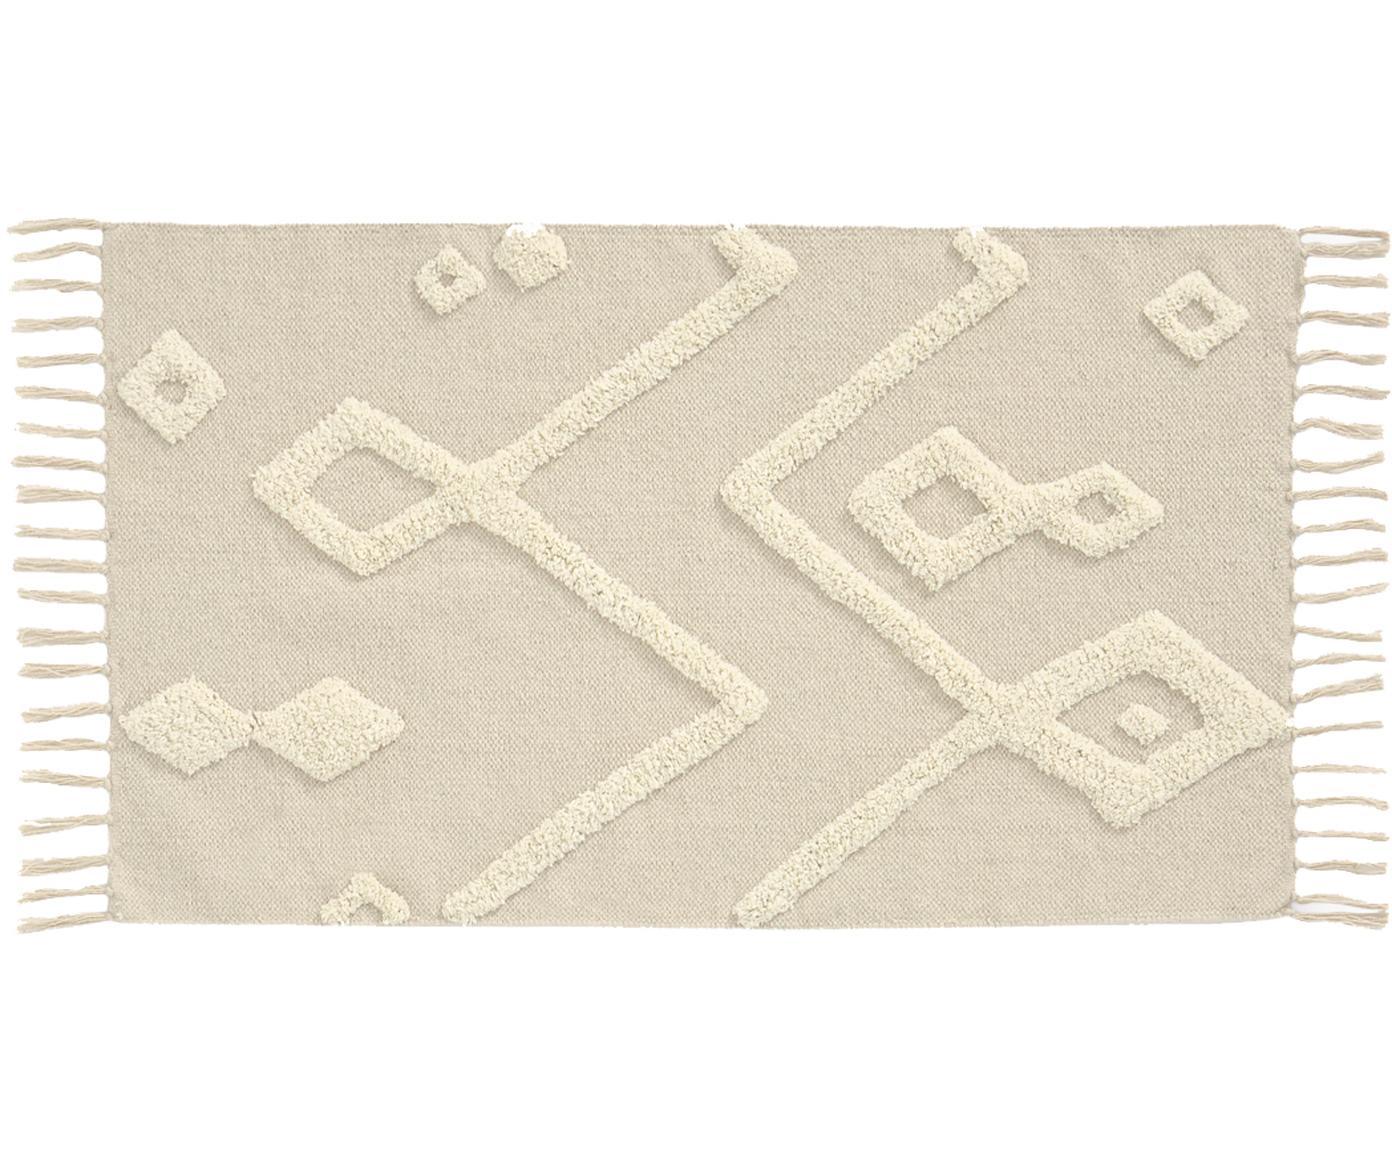 Teppich Canvas mit getufteter Verzierung, 100% Baumwolle, Gebrochenes Weiss, B 60 x L 90 cm (Grösse XXS)